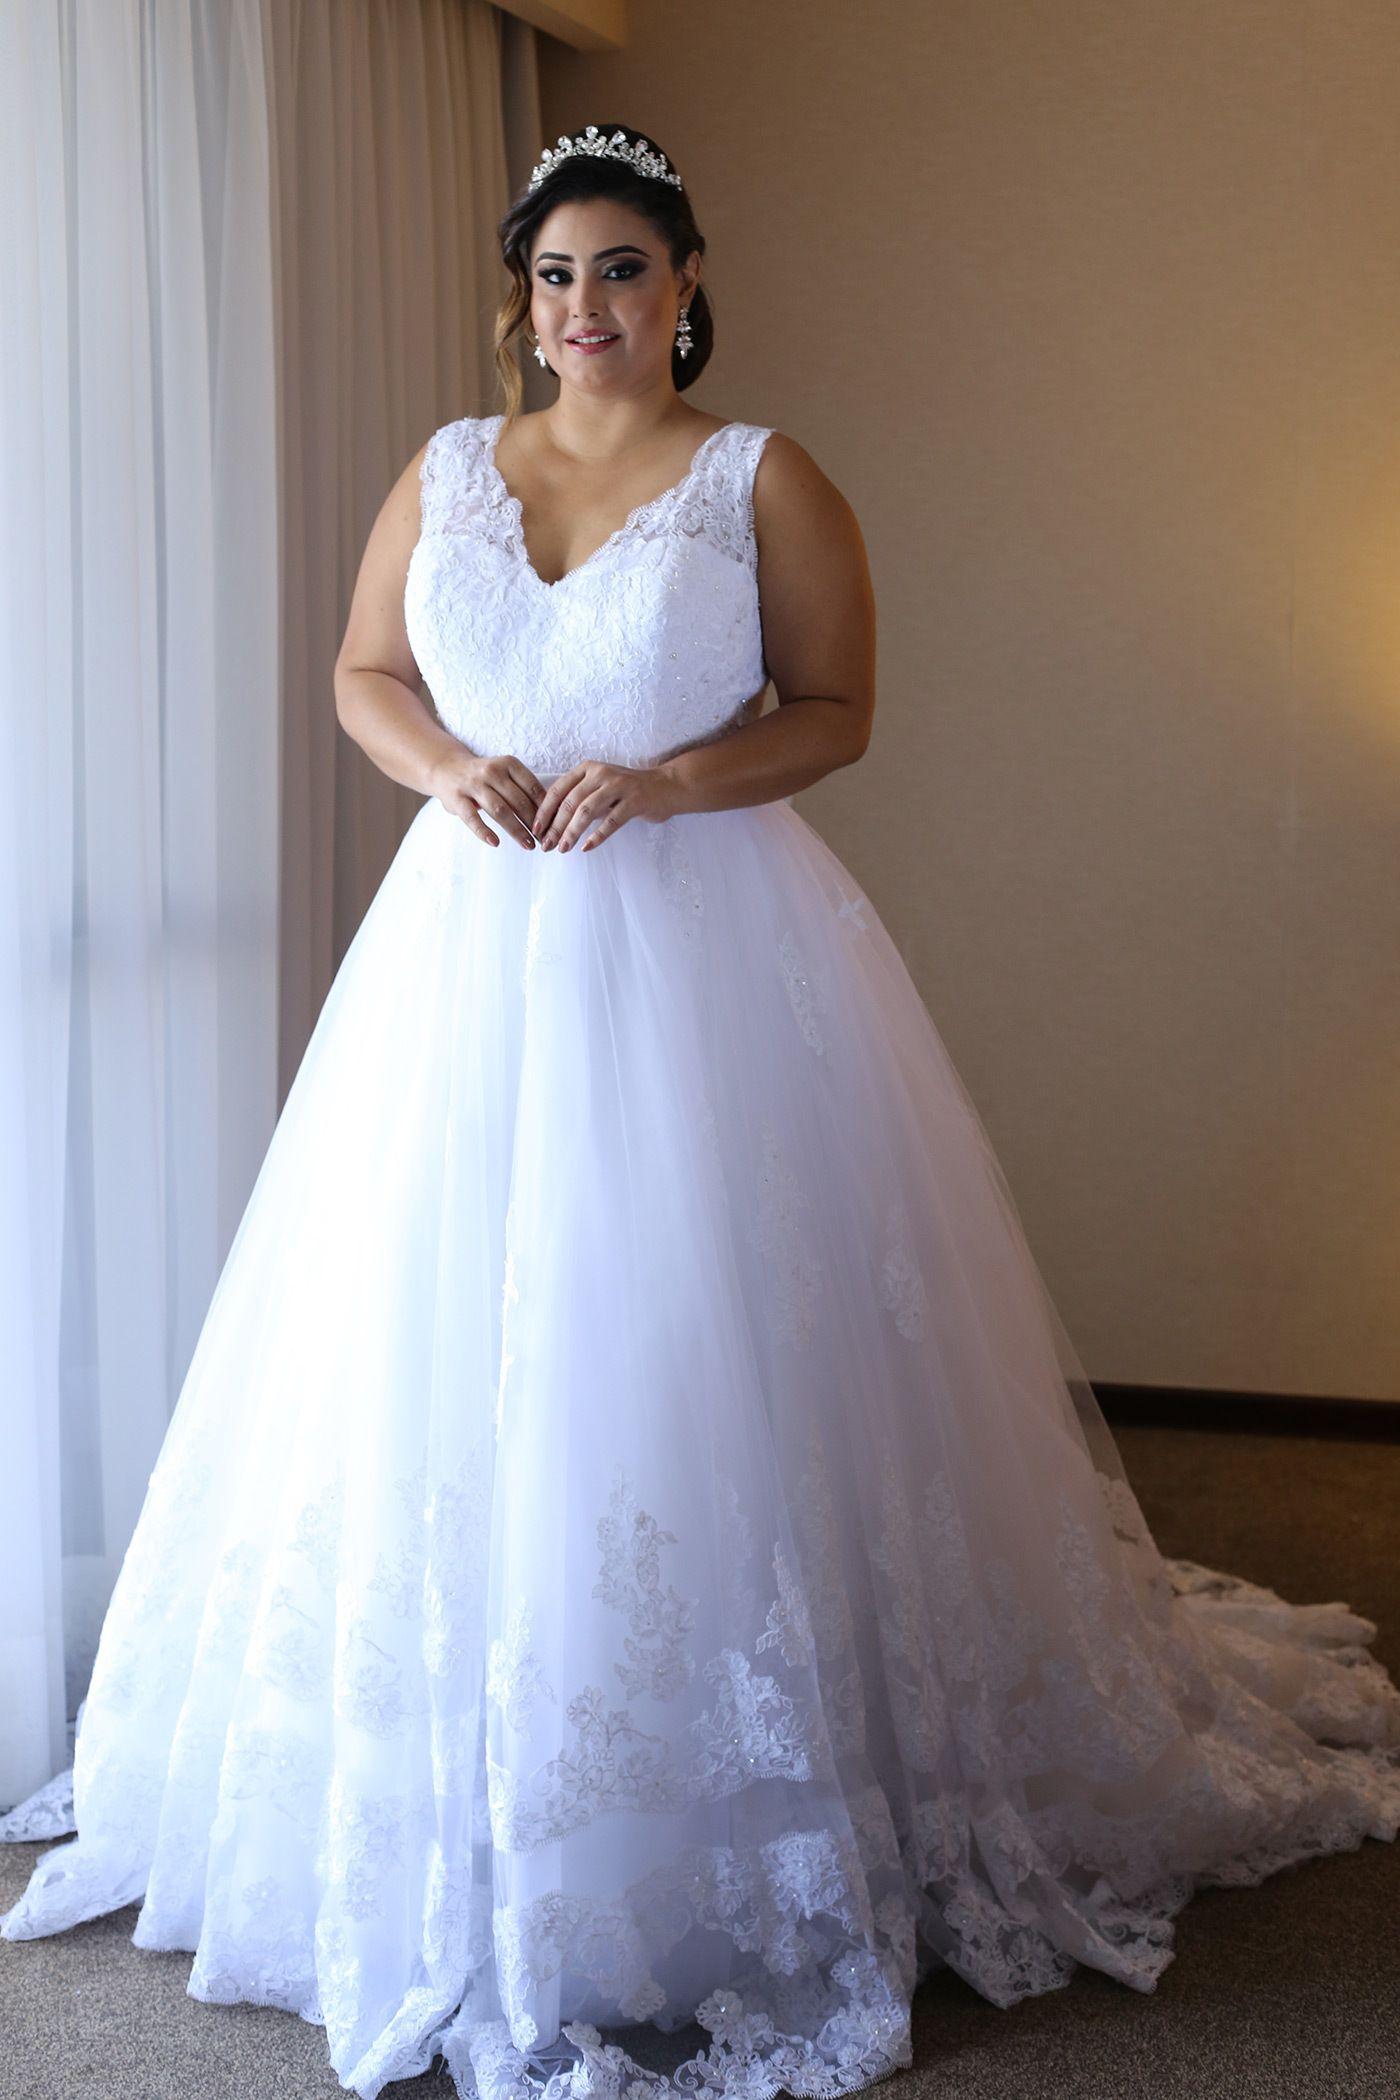 Vestido de noiva simples brasilia